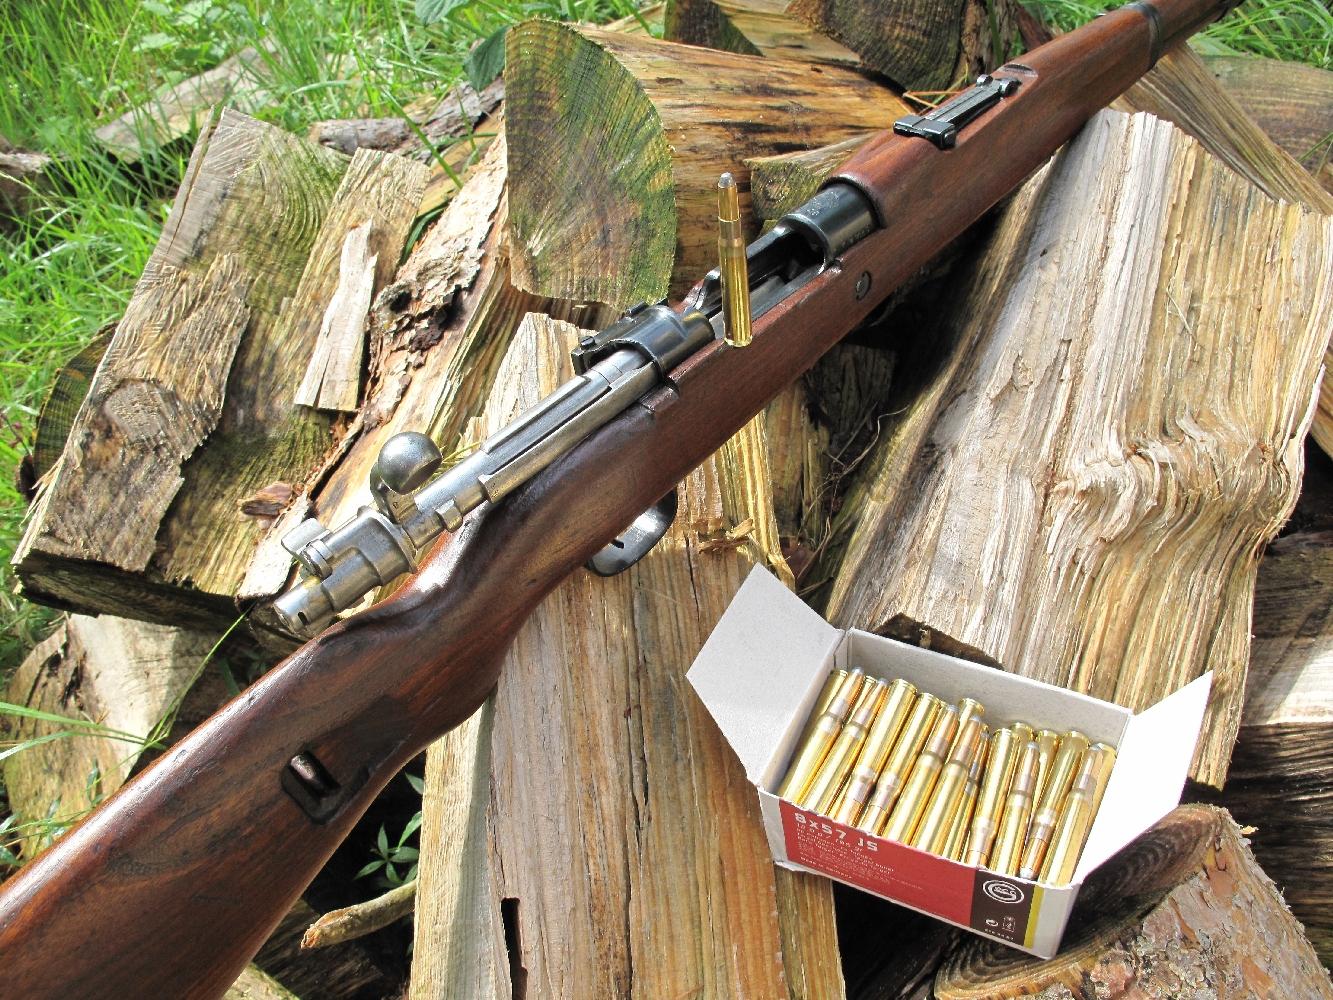 Le fusil M48, dont on remarque ici, la culasse étant ouverte, le levier d'armement dont la boule est partiellement rognée afin de ne pas nécessiter un évidement du bois de la monture, est accompagné de cartouches de calibre 8 x 57 JS manufacturées par la firme allemande Geco.